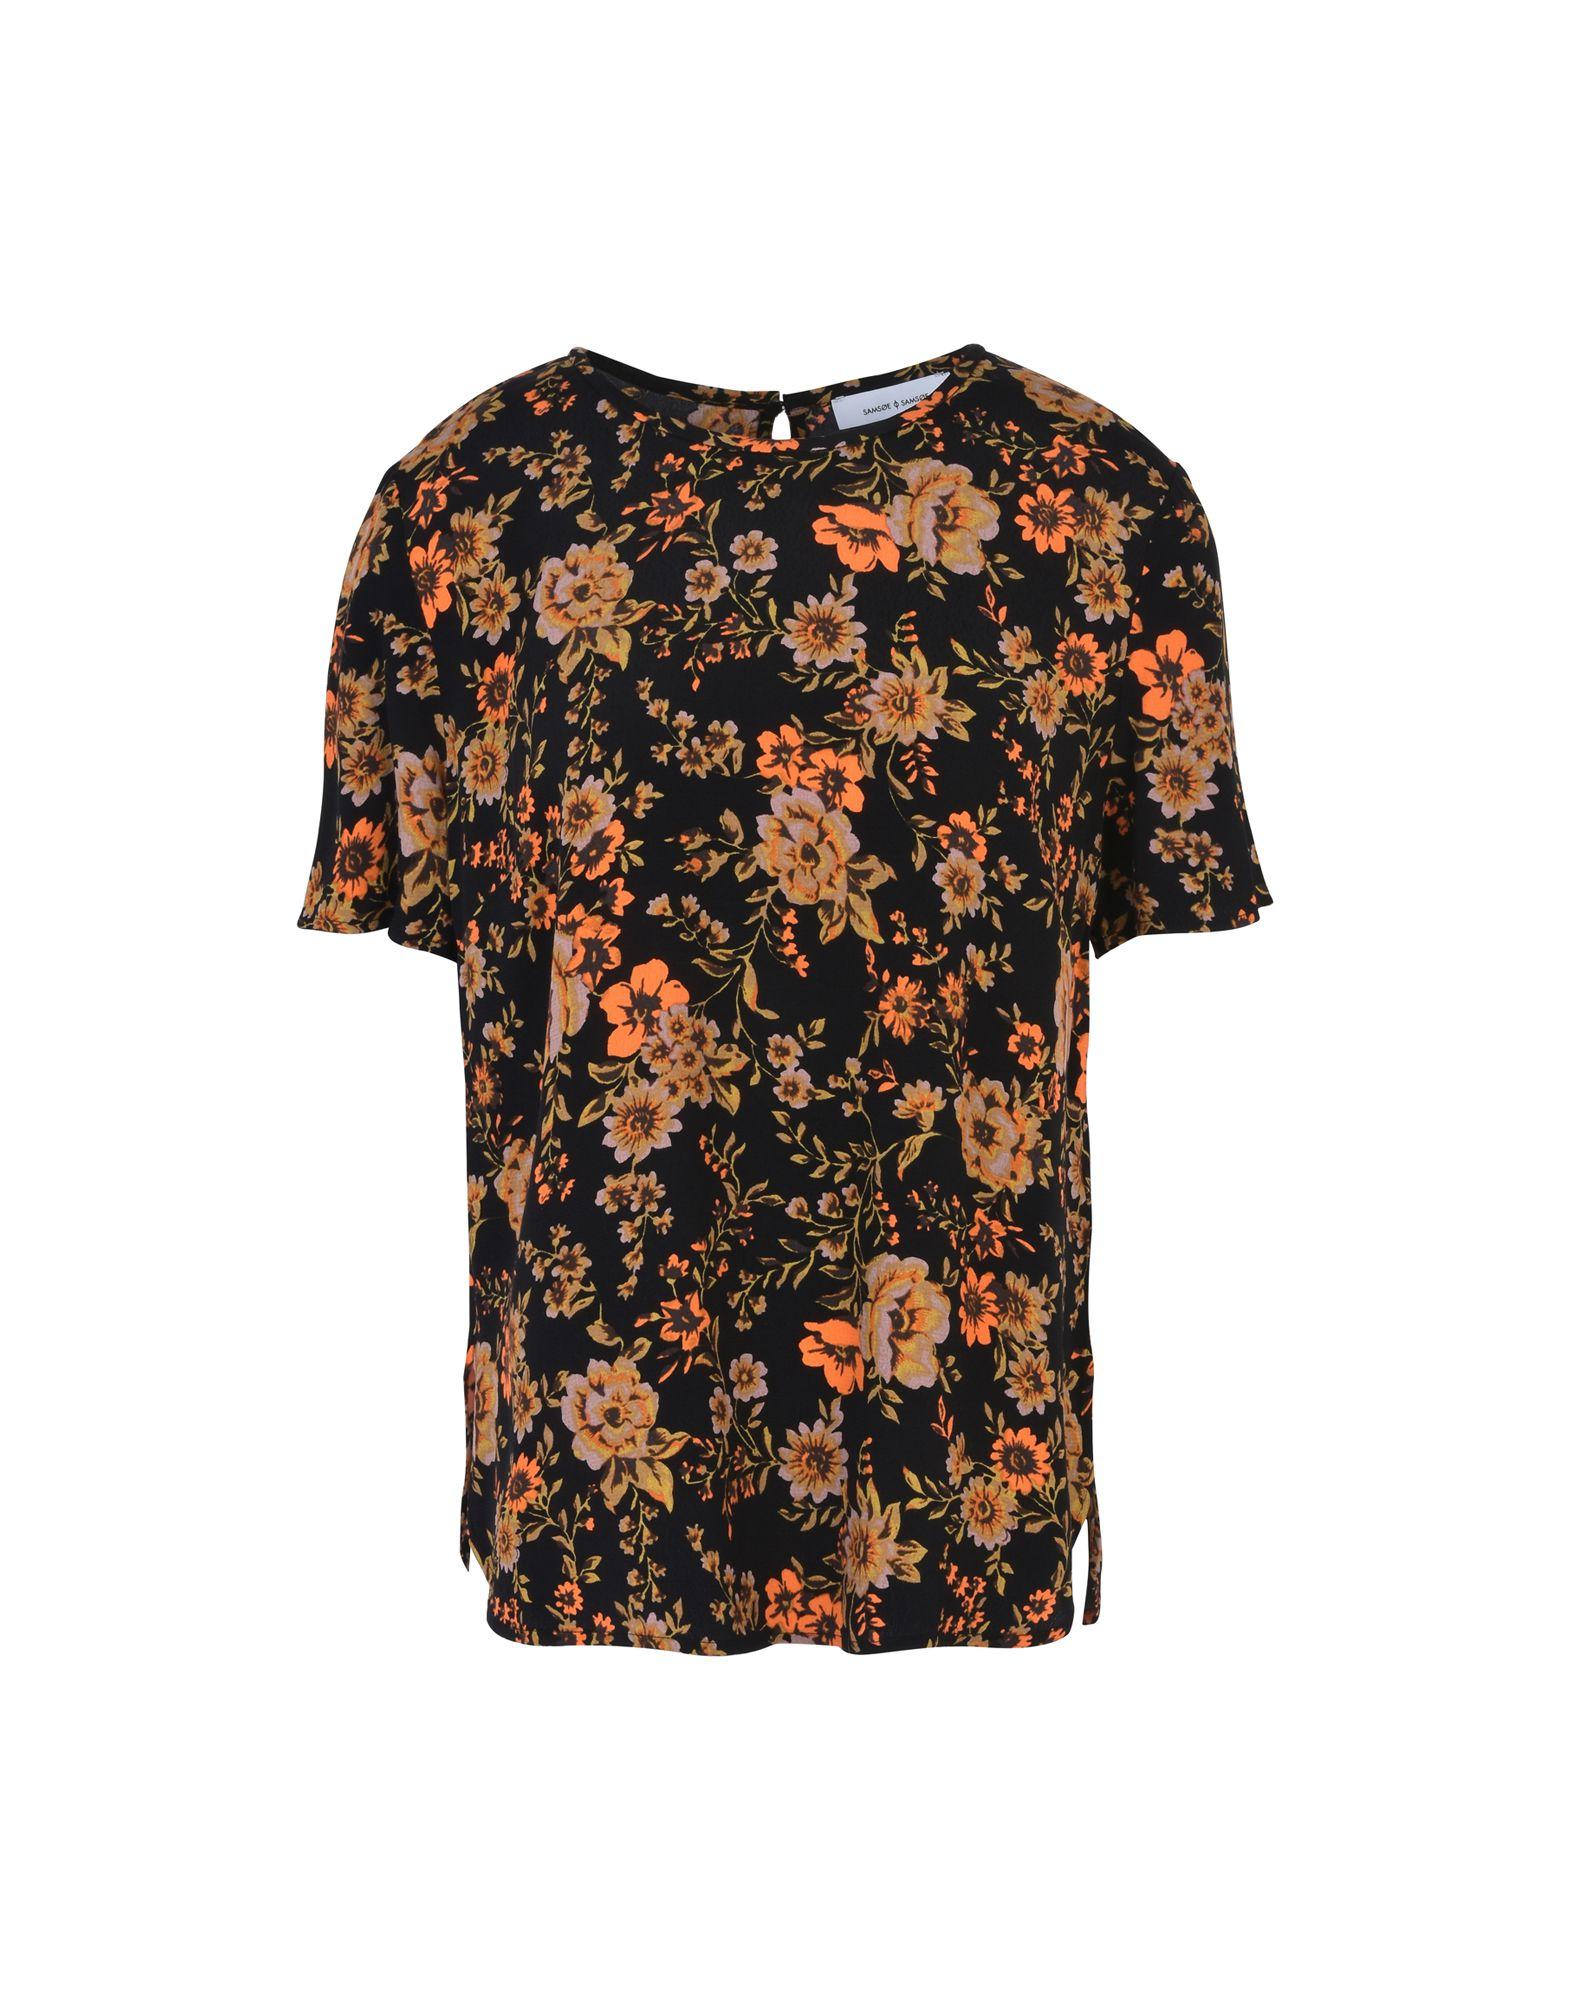 SAMSØE Φ SAMSØE Блузка блузка с рисунком короткие рукава вырез сзади